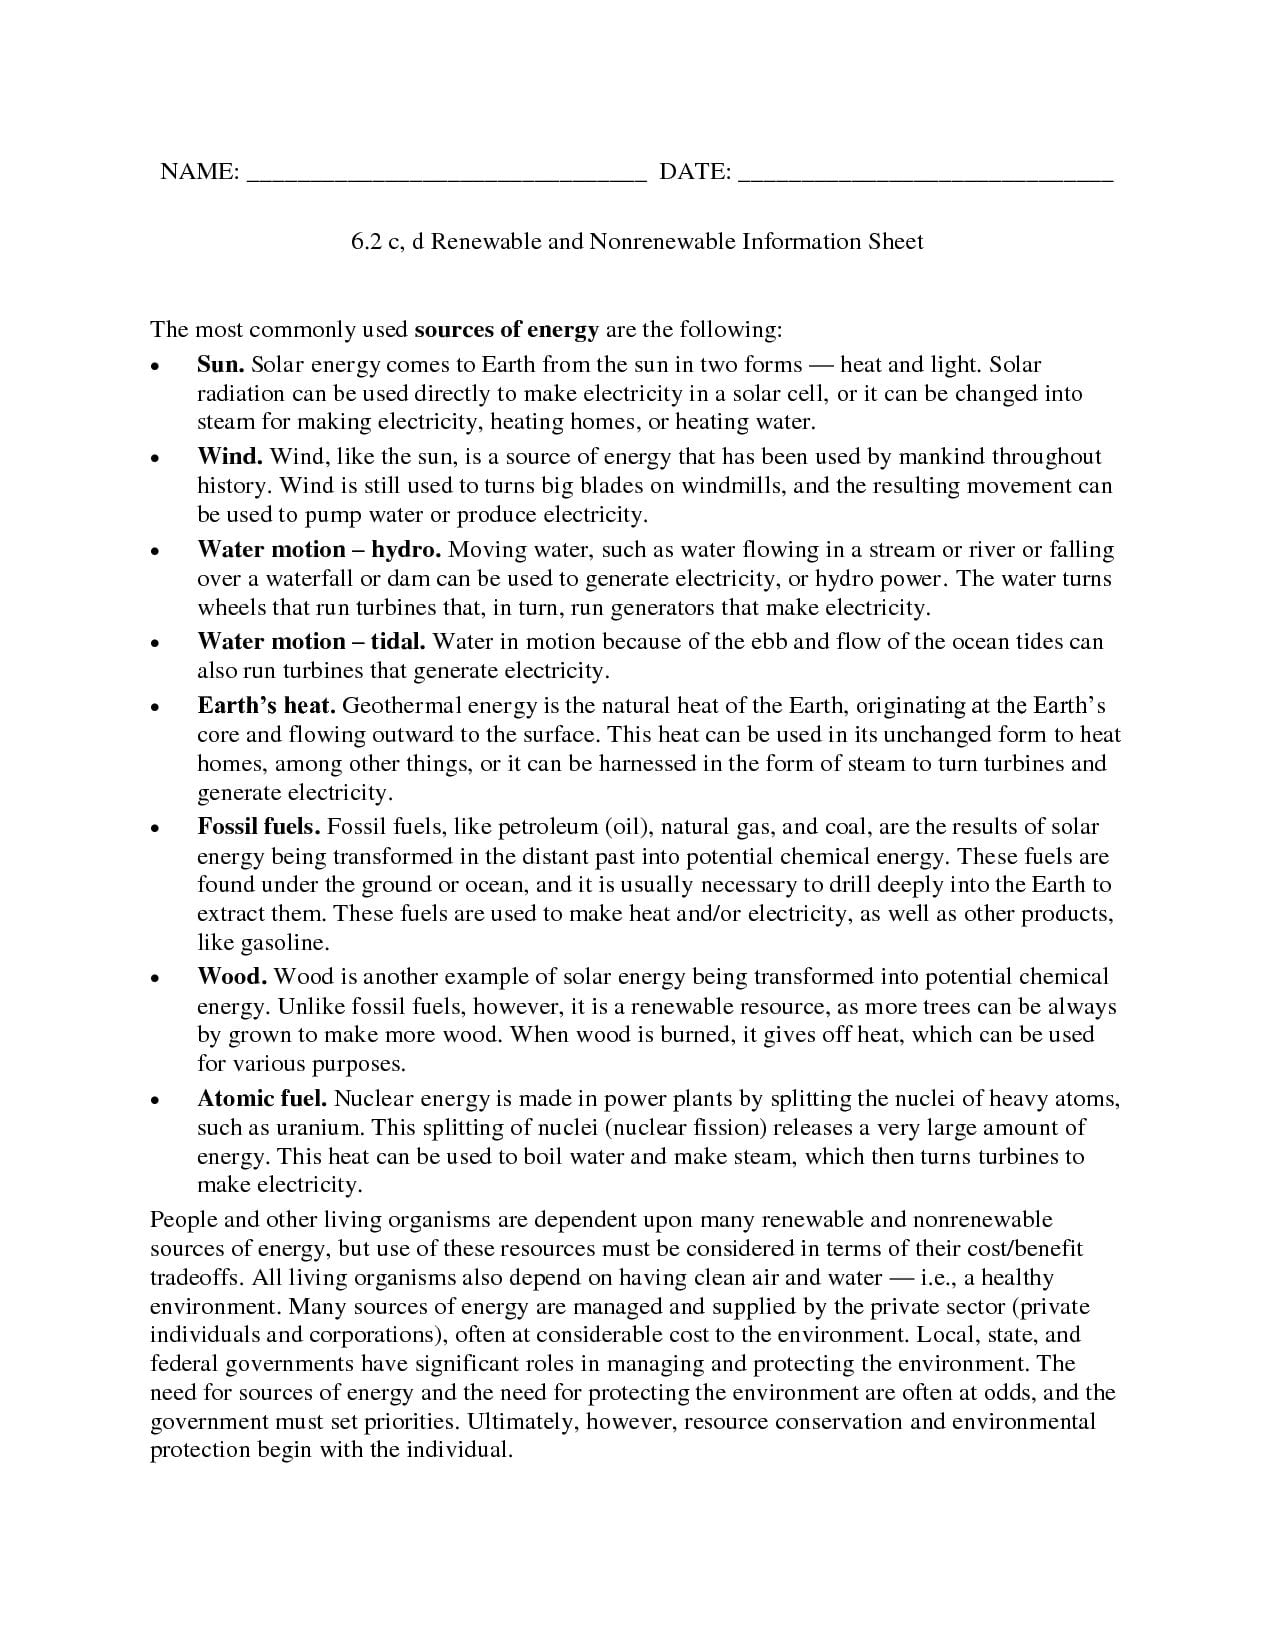 Renewable Energy Renewable Energy Worksheet Regarding Modern Marvels Renewable Energy Worksheet Answers